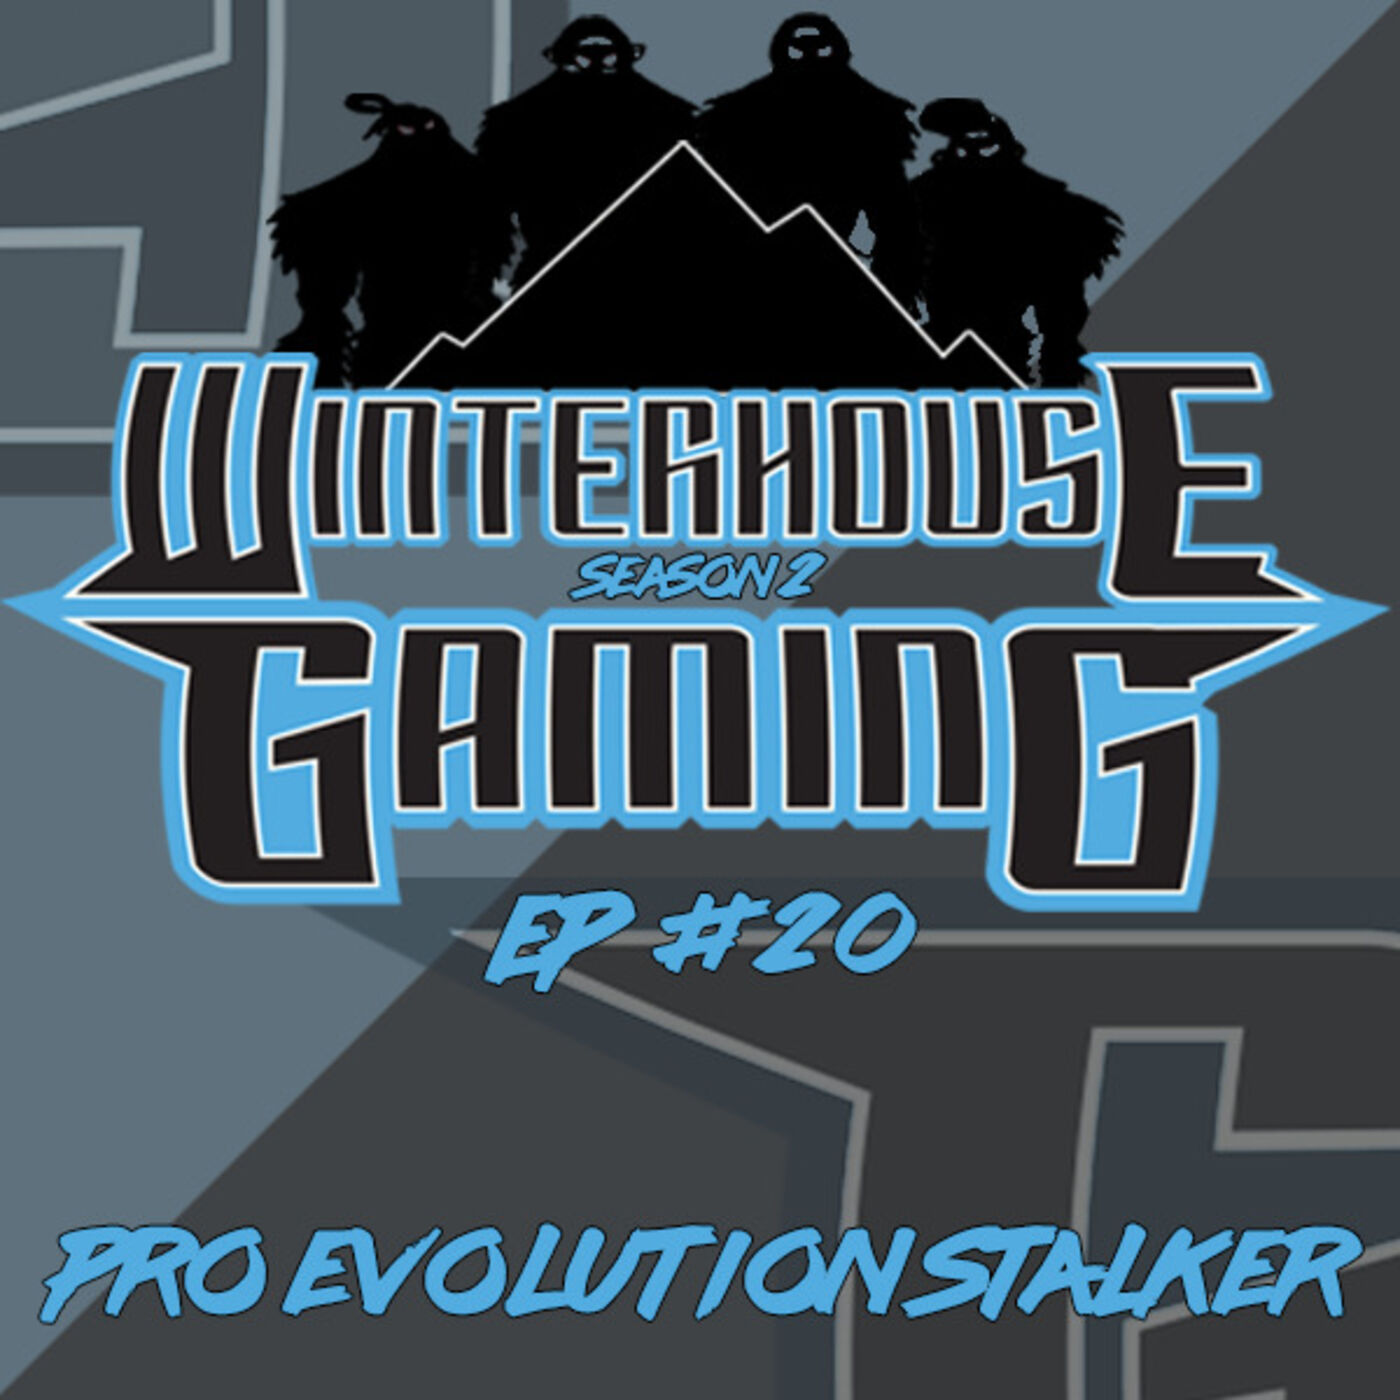 Pro Evolution Stalker